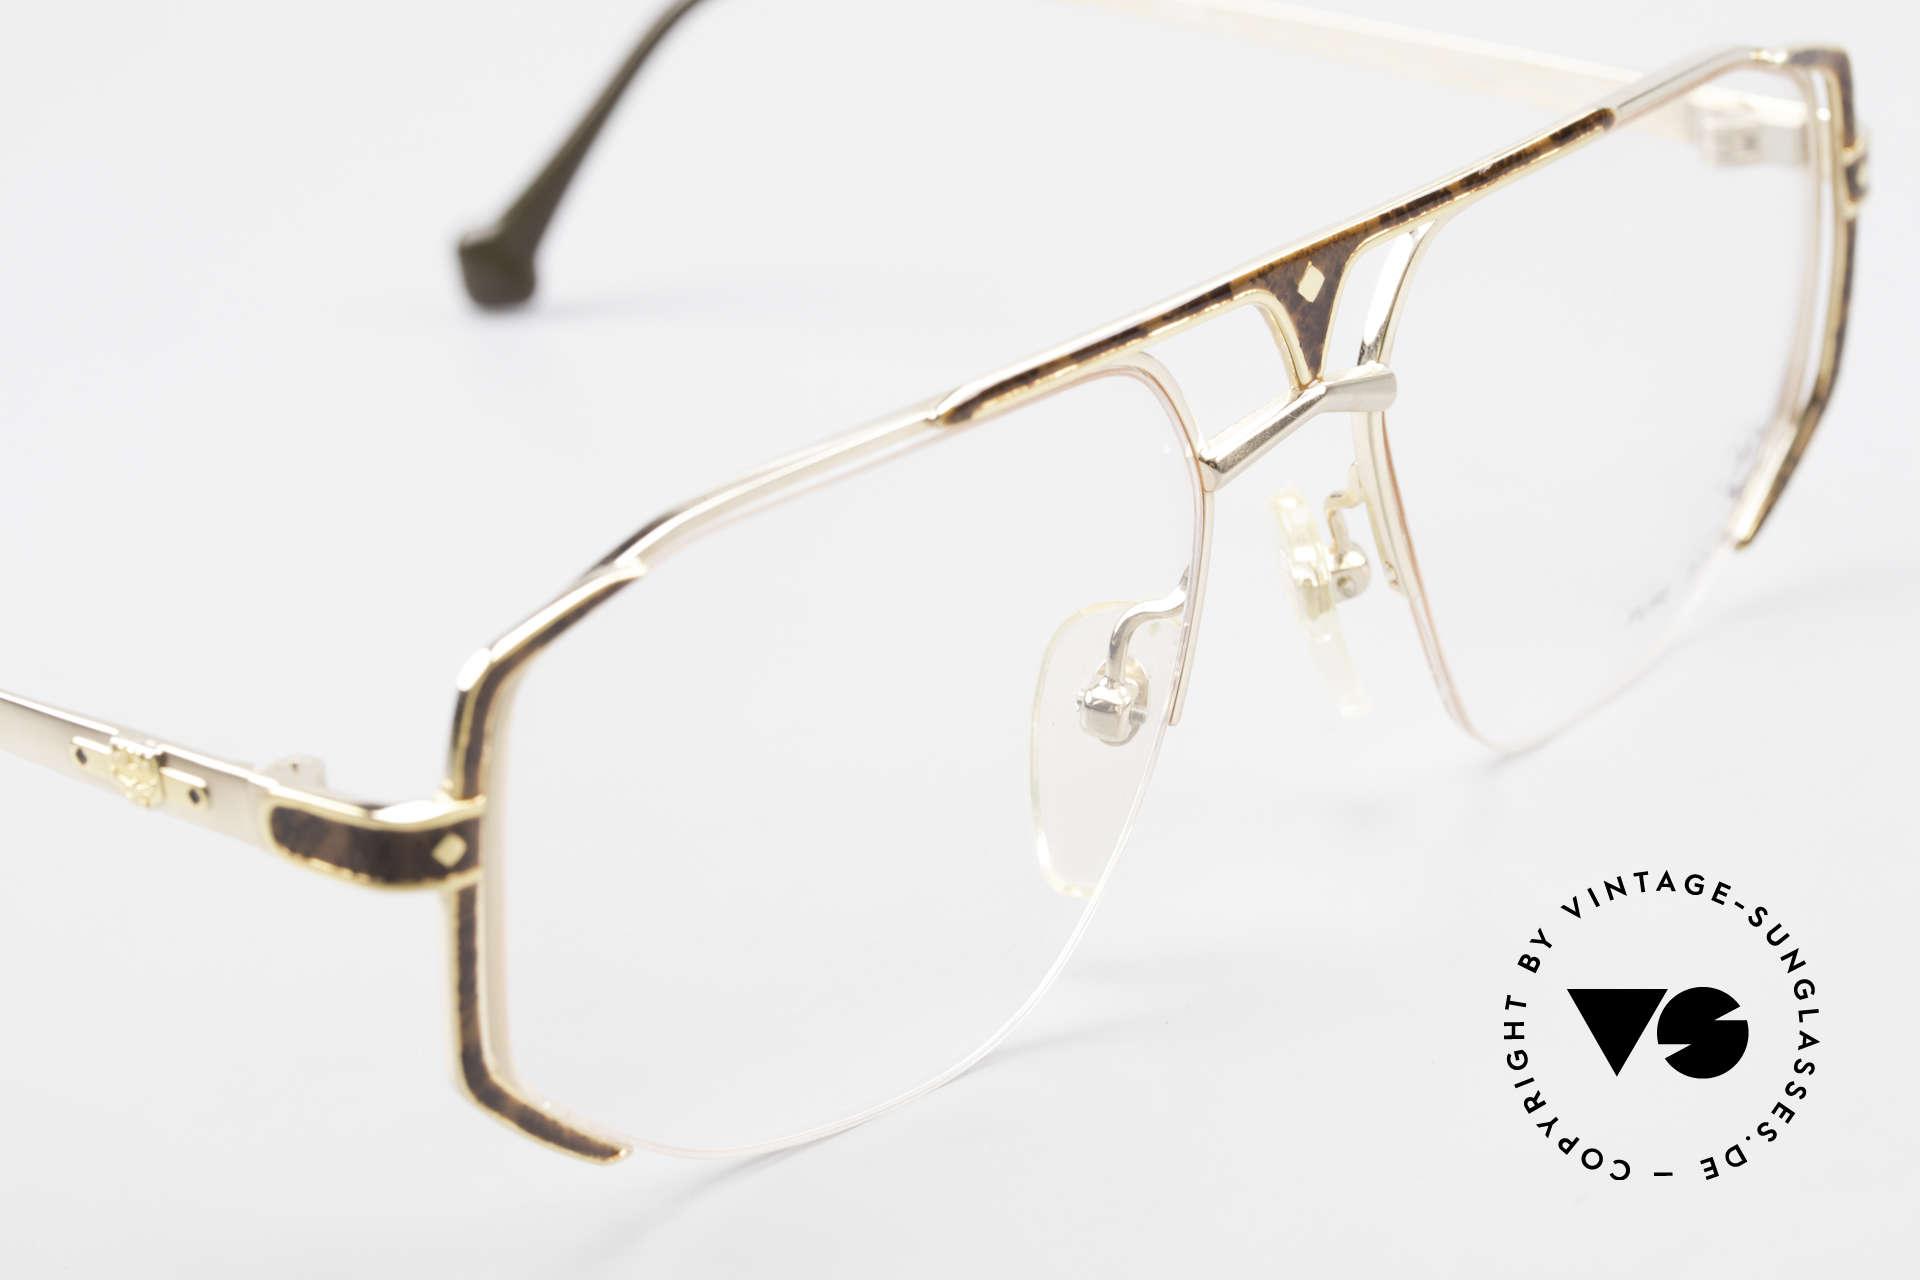 MCM München 5 Pure Titanium Brille Vergoldet, ungetragen (wie alle unsere alten MCM-Originale), Passend für Herren